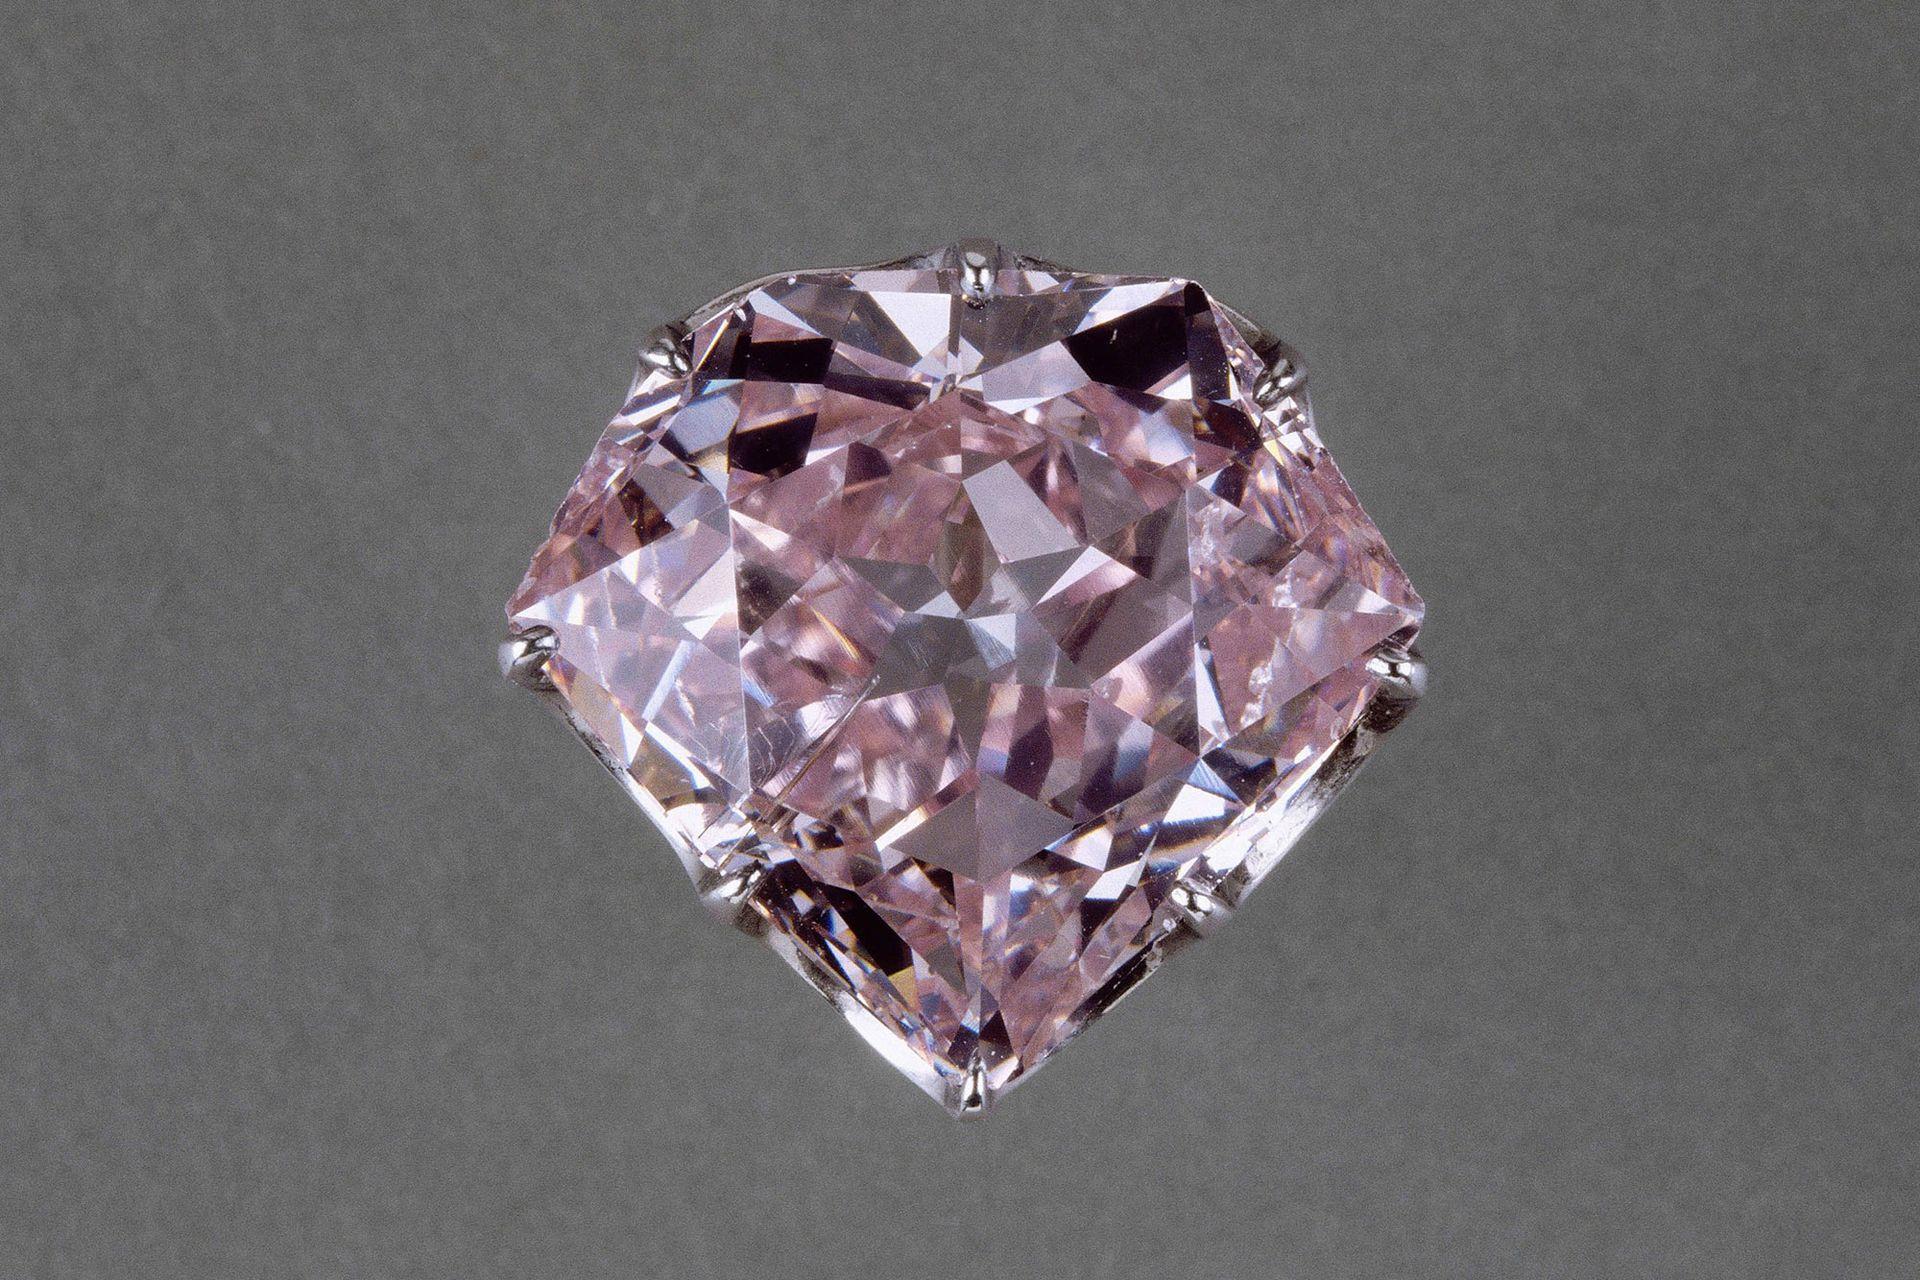 El diamante Hortensia, una piedra preciosa de tono rosado.